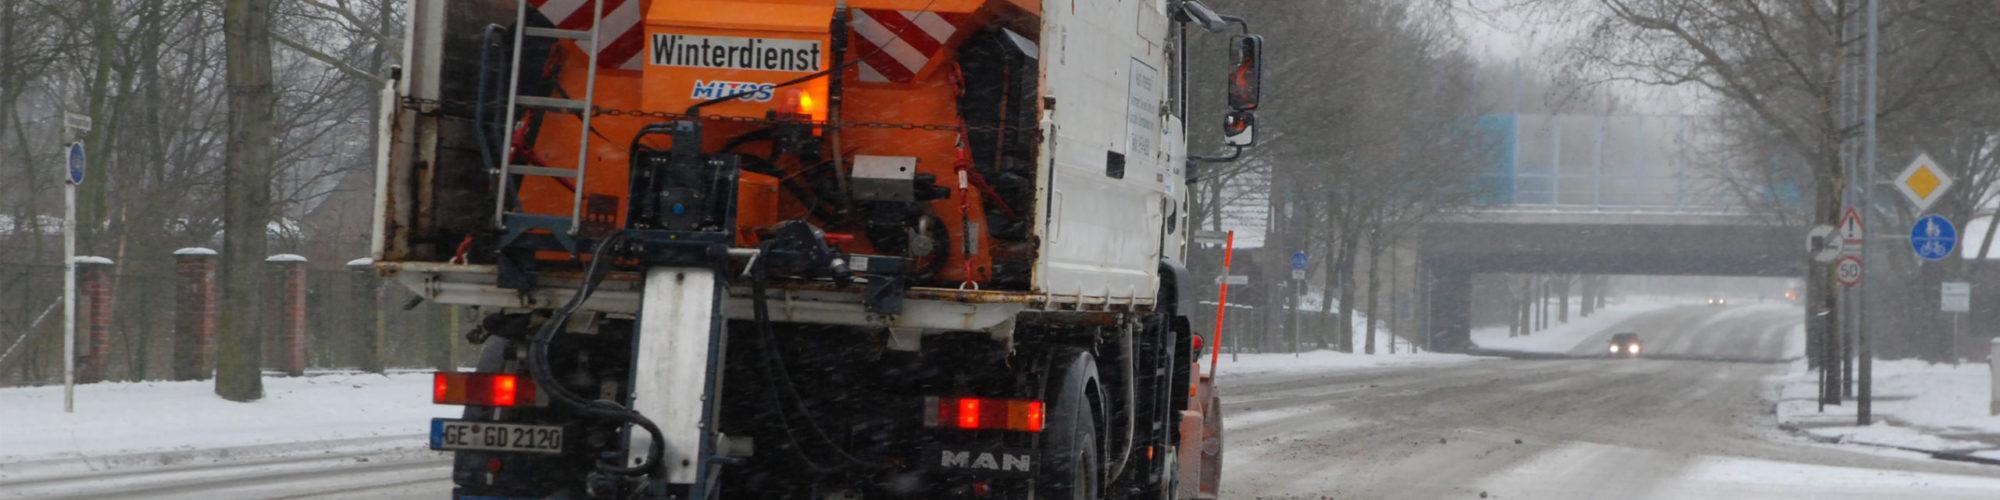 Streu- und Räumfahrzeug von GELSENDIENSTE im Winterdiensteinsatz auf der verschneiten Adenauerallee in Erle.